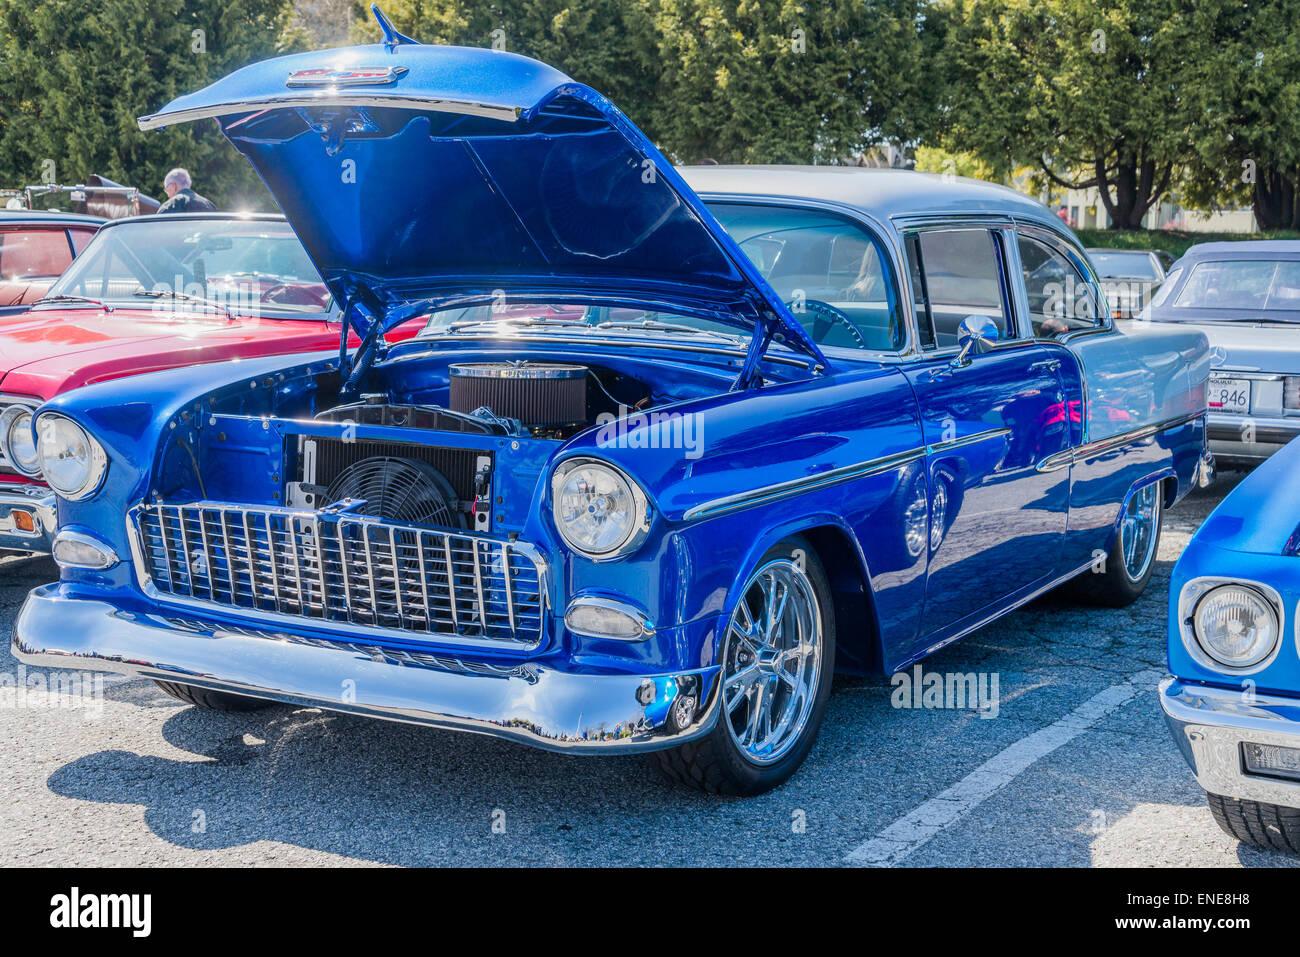 Automobile Chevrolet bleu classique avec le capot jusqu'à car show Photo Stock